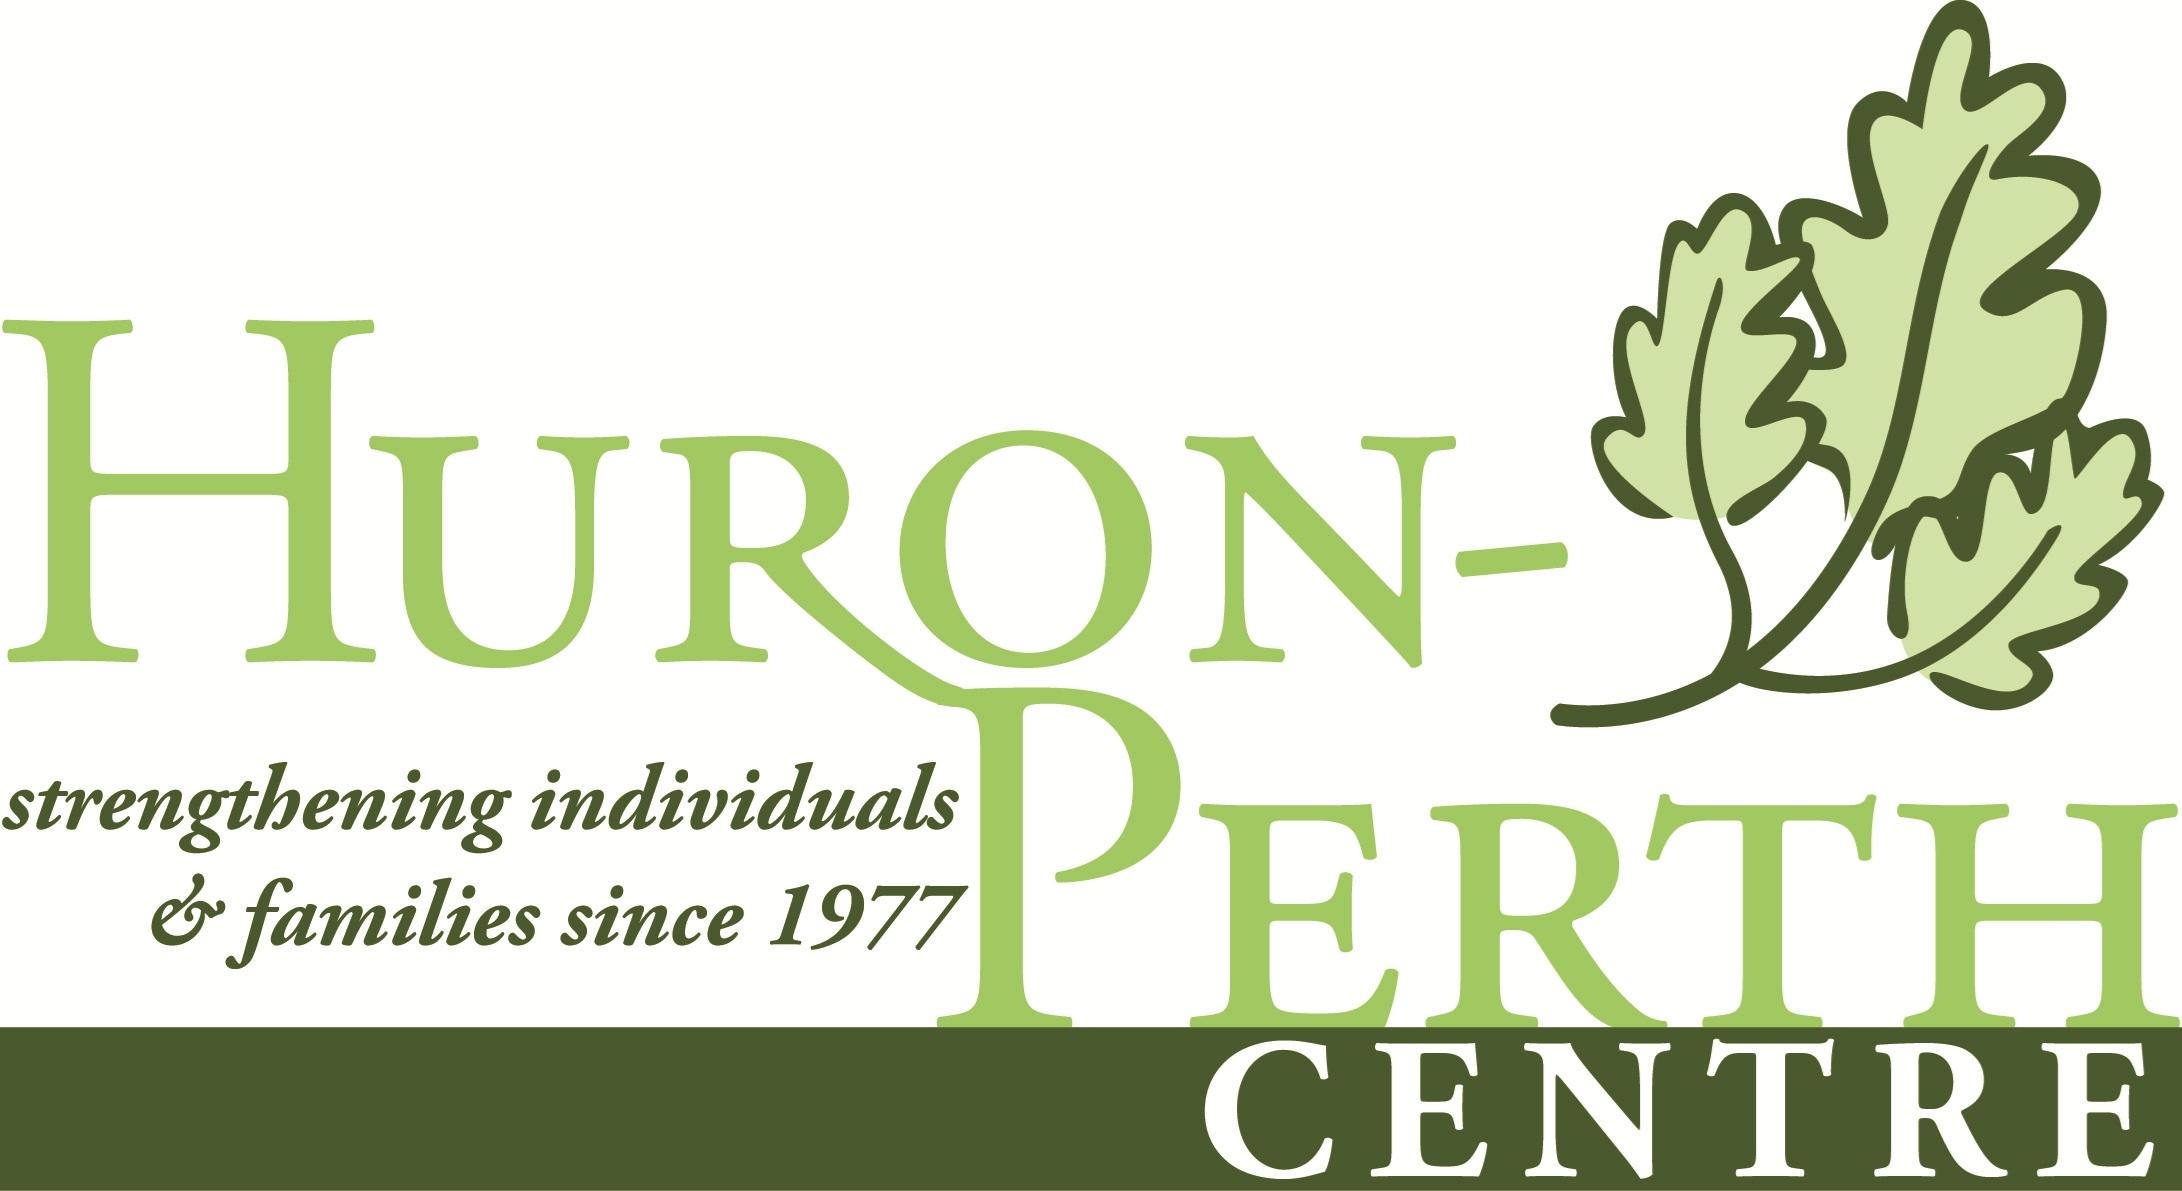 Huron-Perth Centre